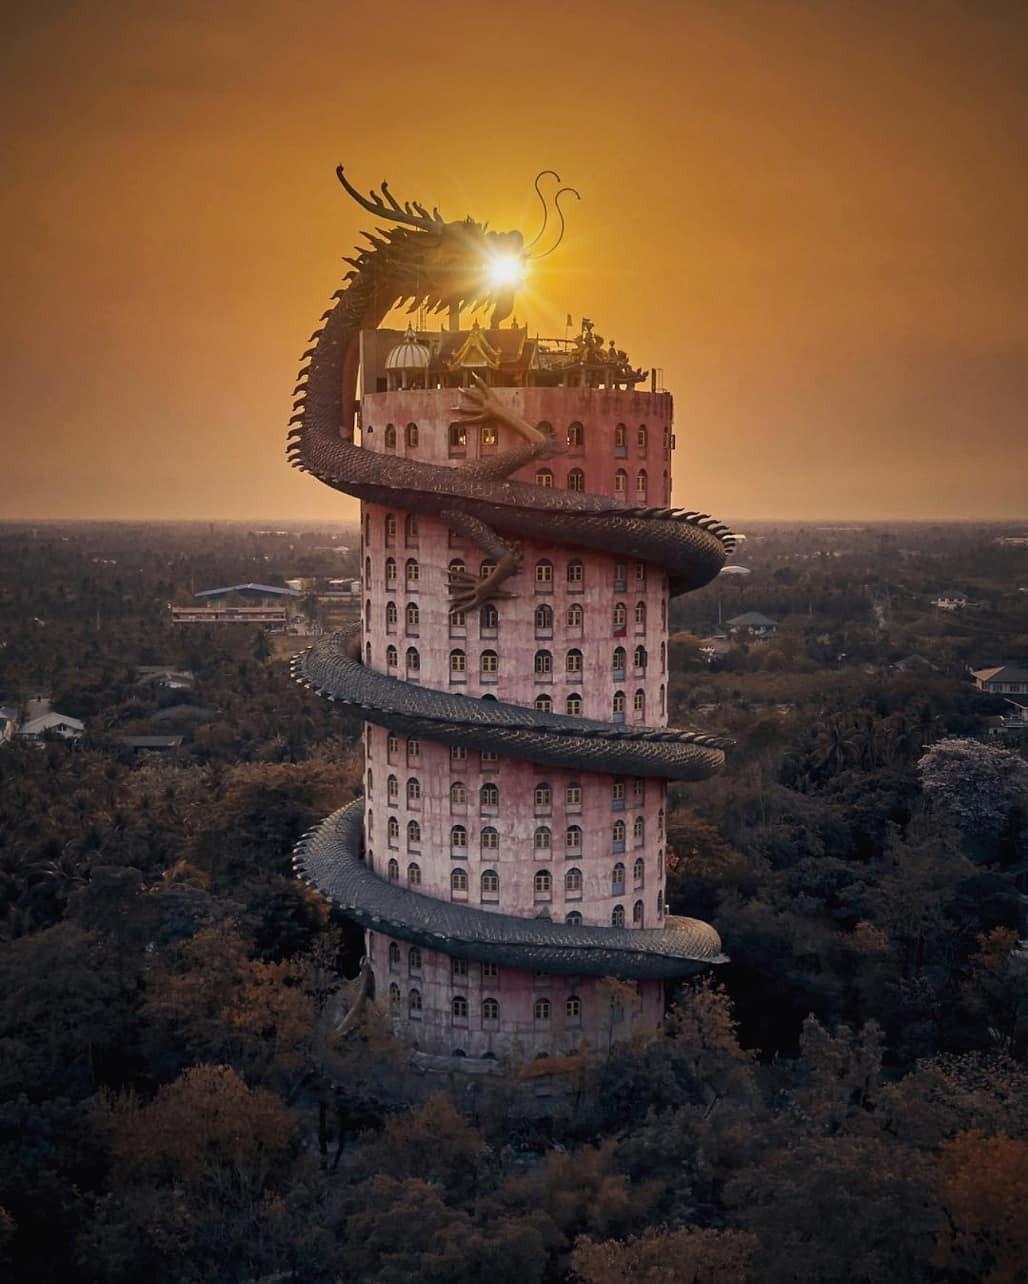 Thoạt nhìn cứ tưởng bối cảnh phim Hollywood nhưng hoá ra ngôi chùa này ở Thái lại hoàn toàn có thật! - Ảnh 1.